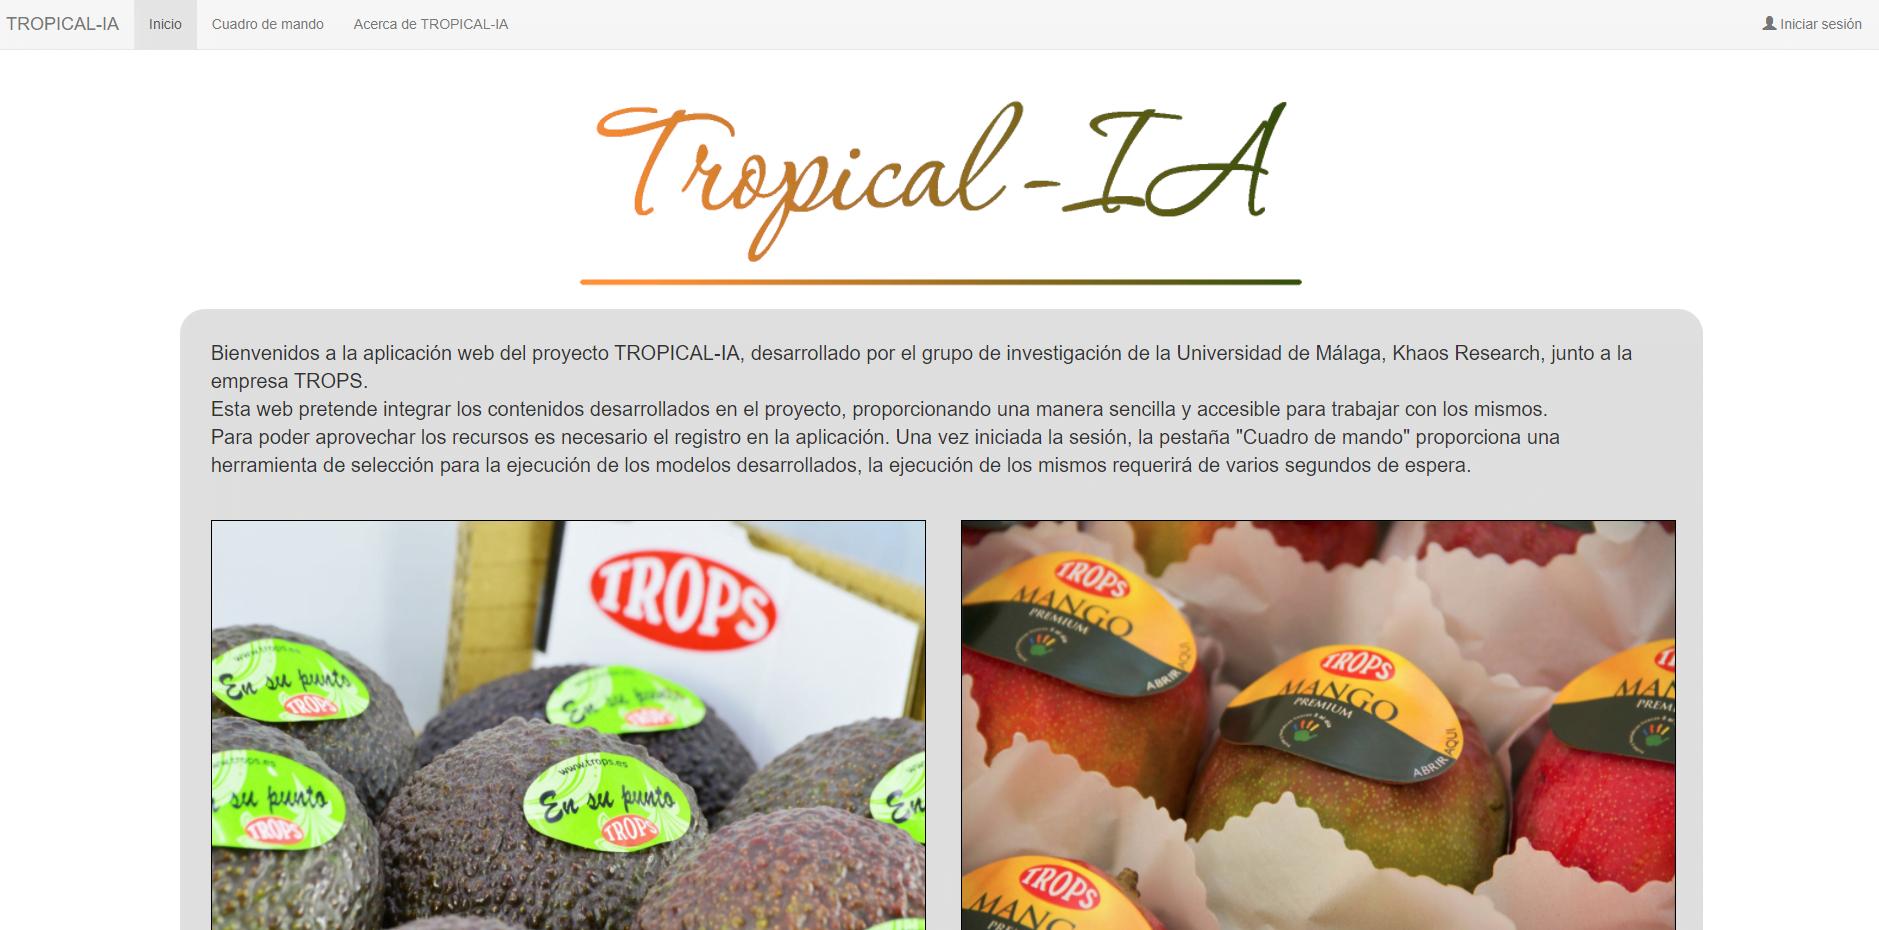 TROPICAL-IA